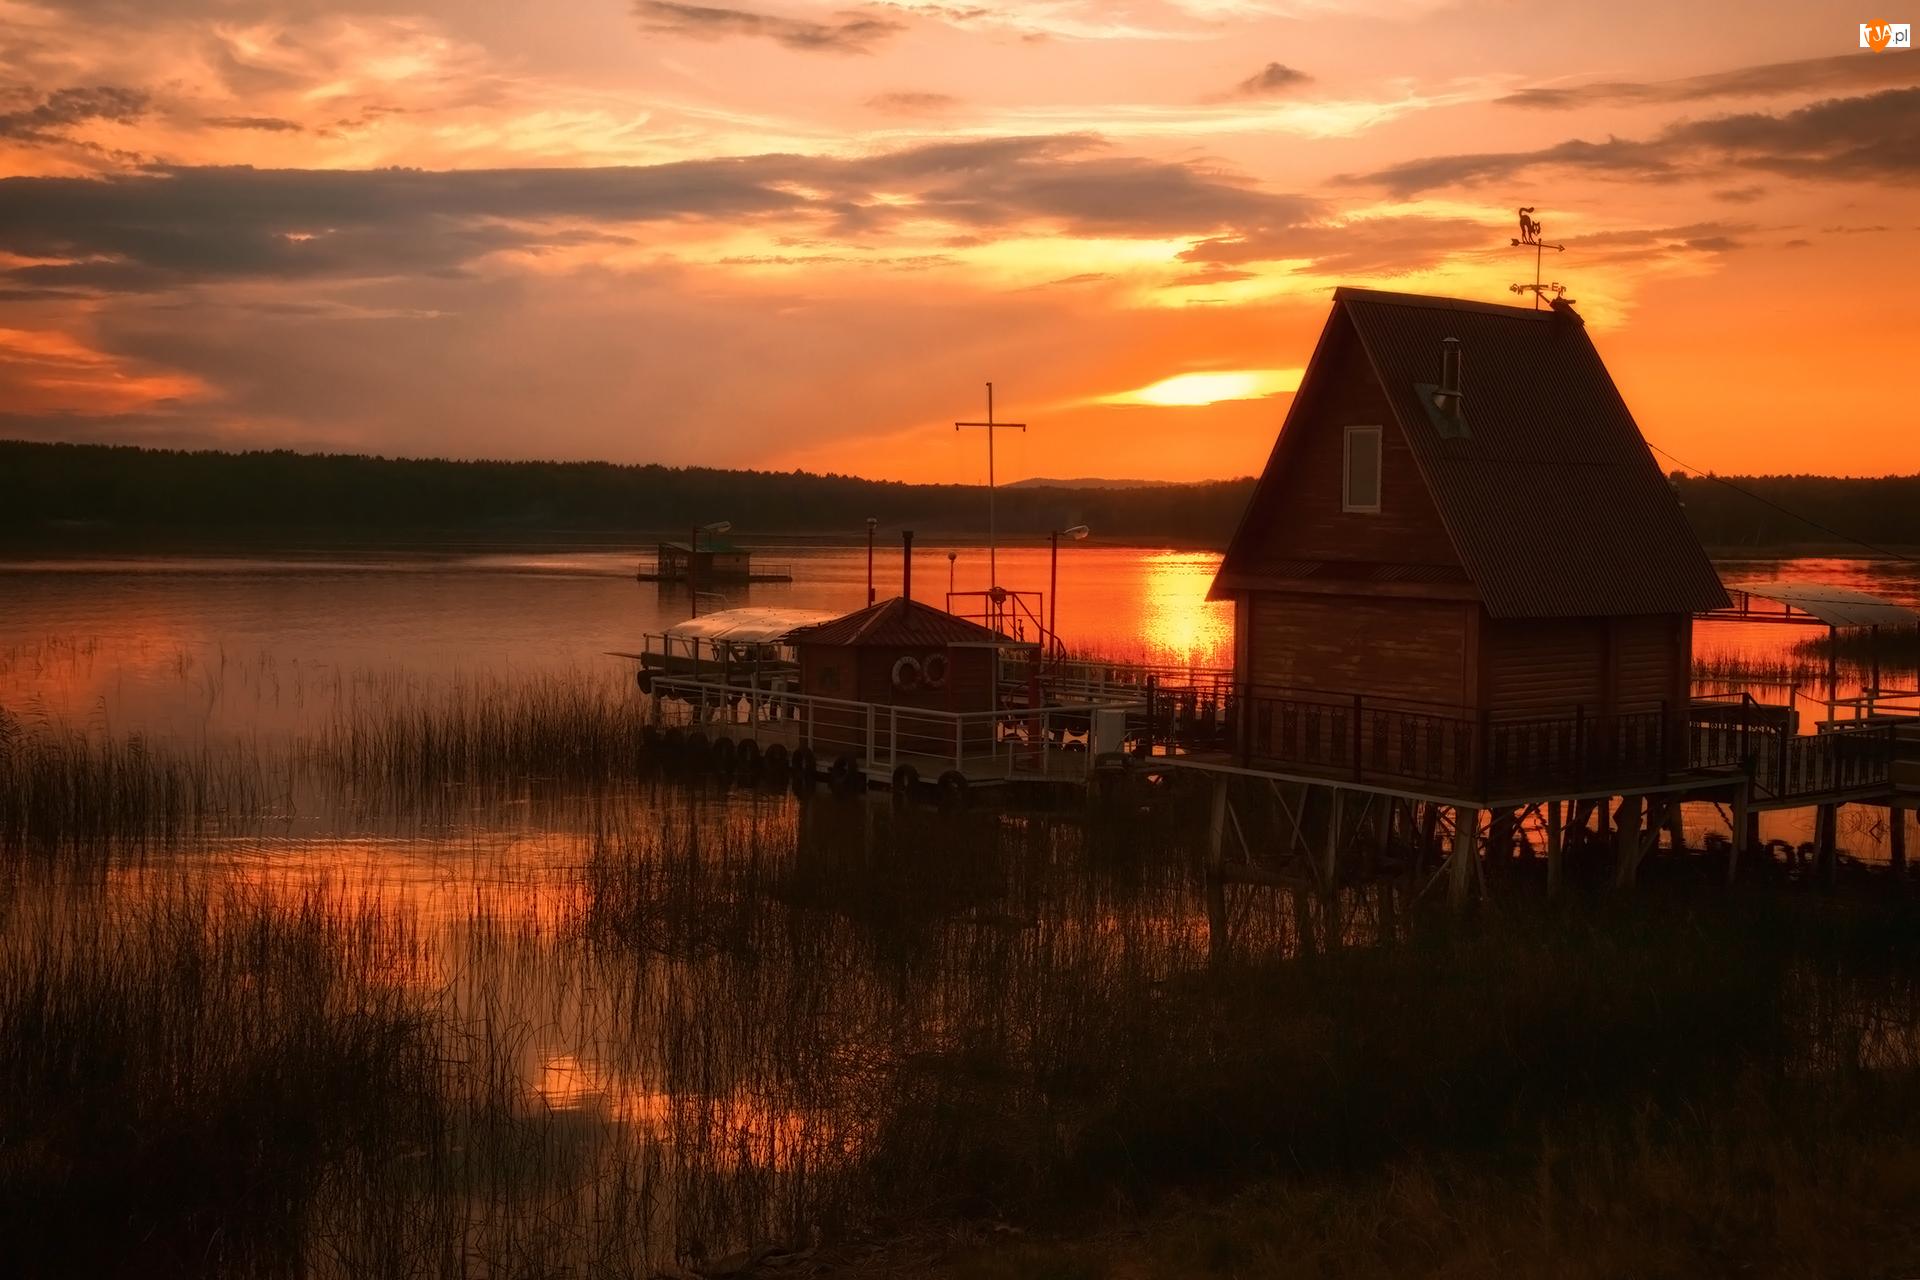 Jezioro, Przystań, Dom, Zachód słońca, Pomost, Szuwary